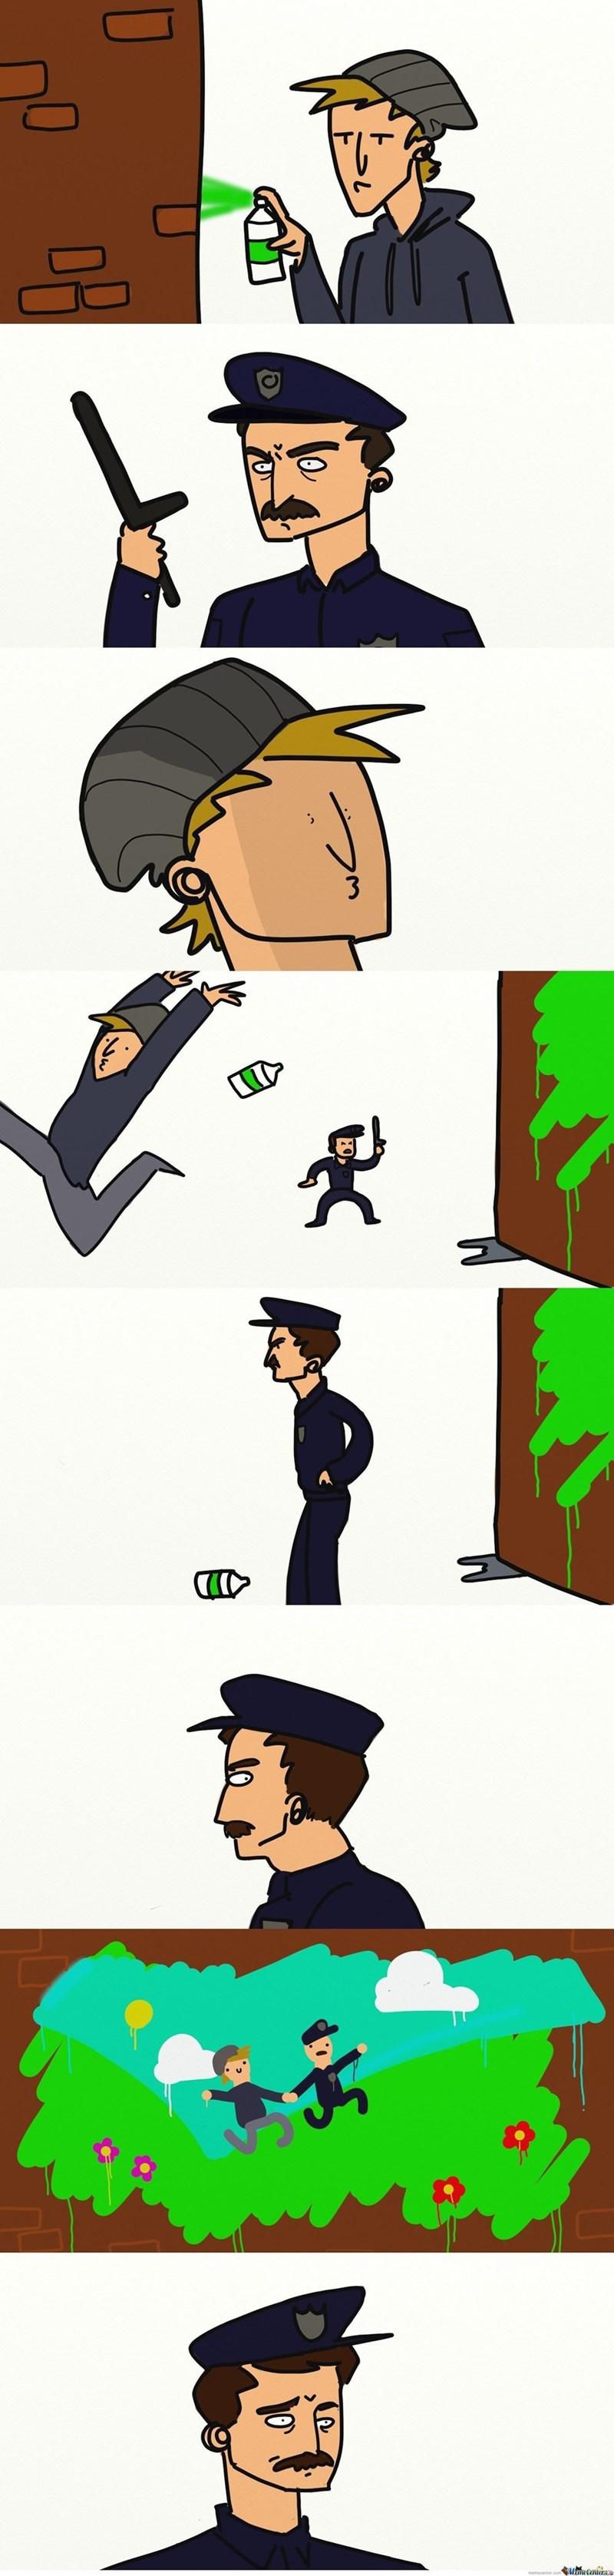 policia persigue a grafitero